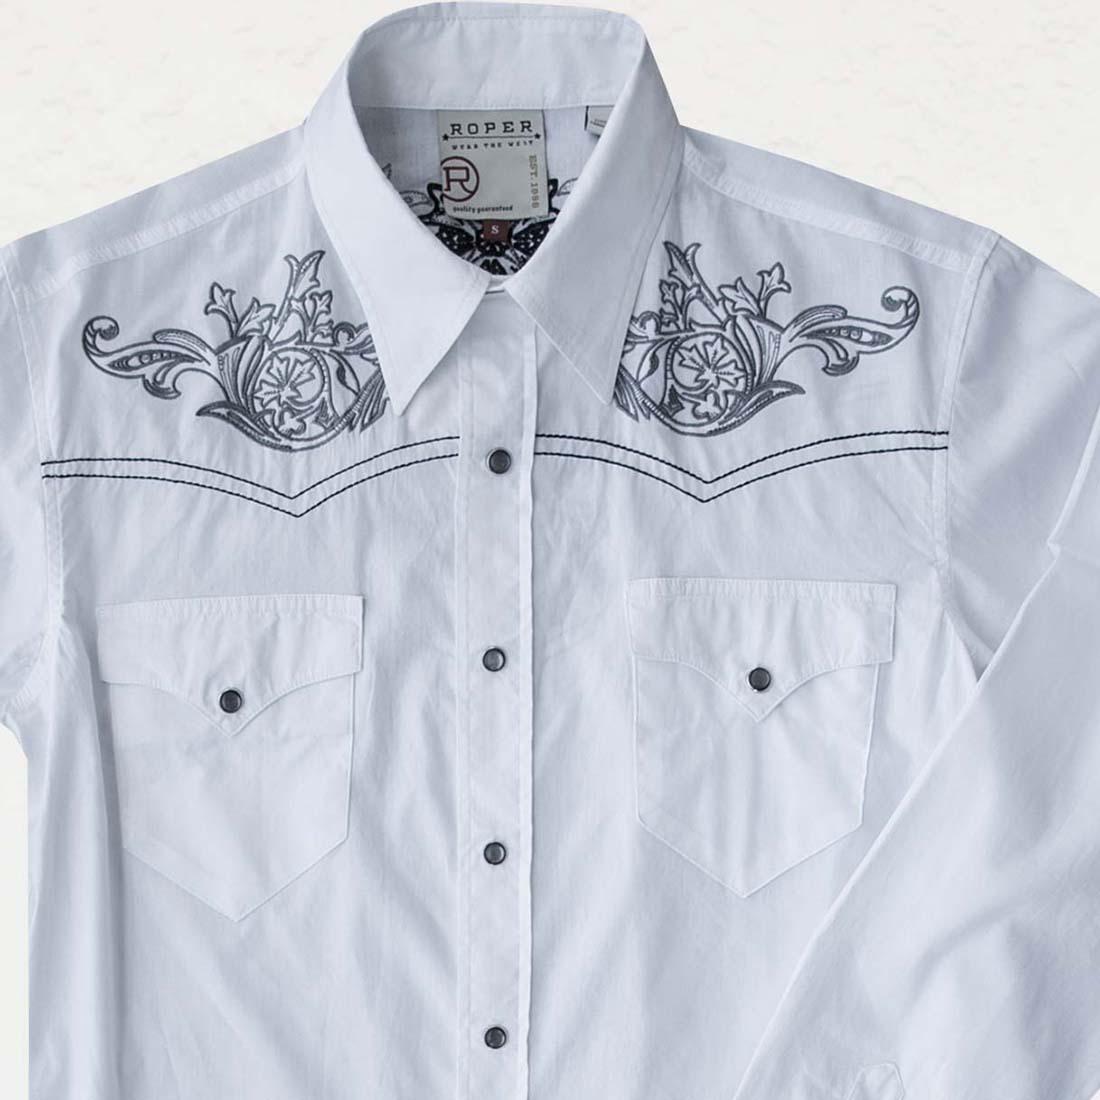 画像1: ローパー ウエスタン 刺繍シャツ ホワイト(長袖)L/Roper Long Sleeve Western Shirt (1)